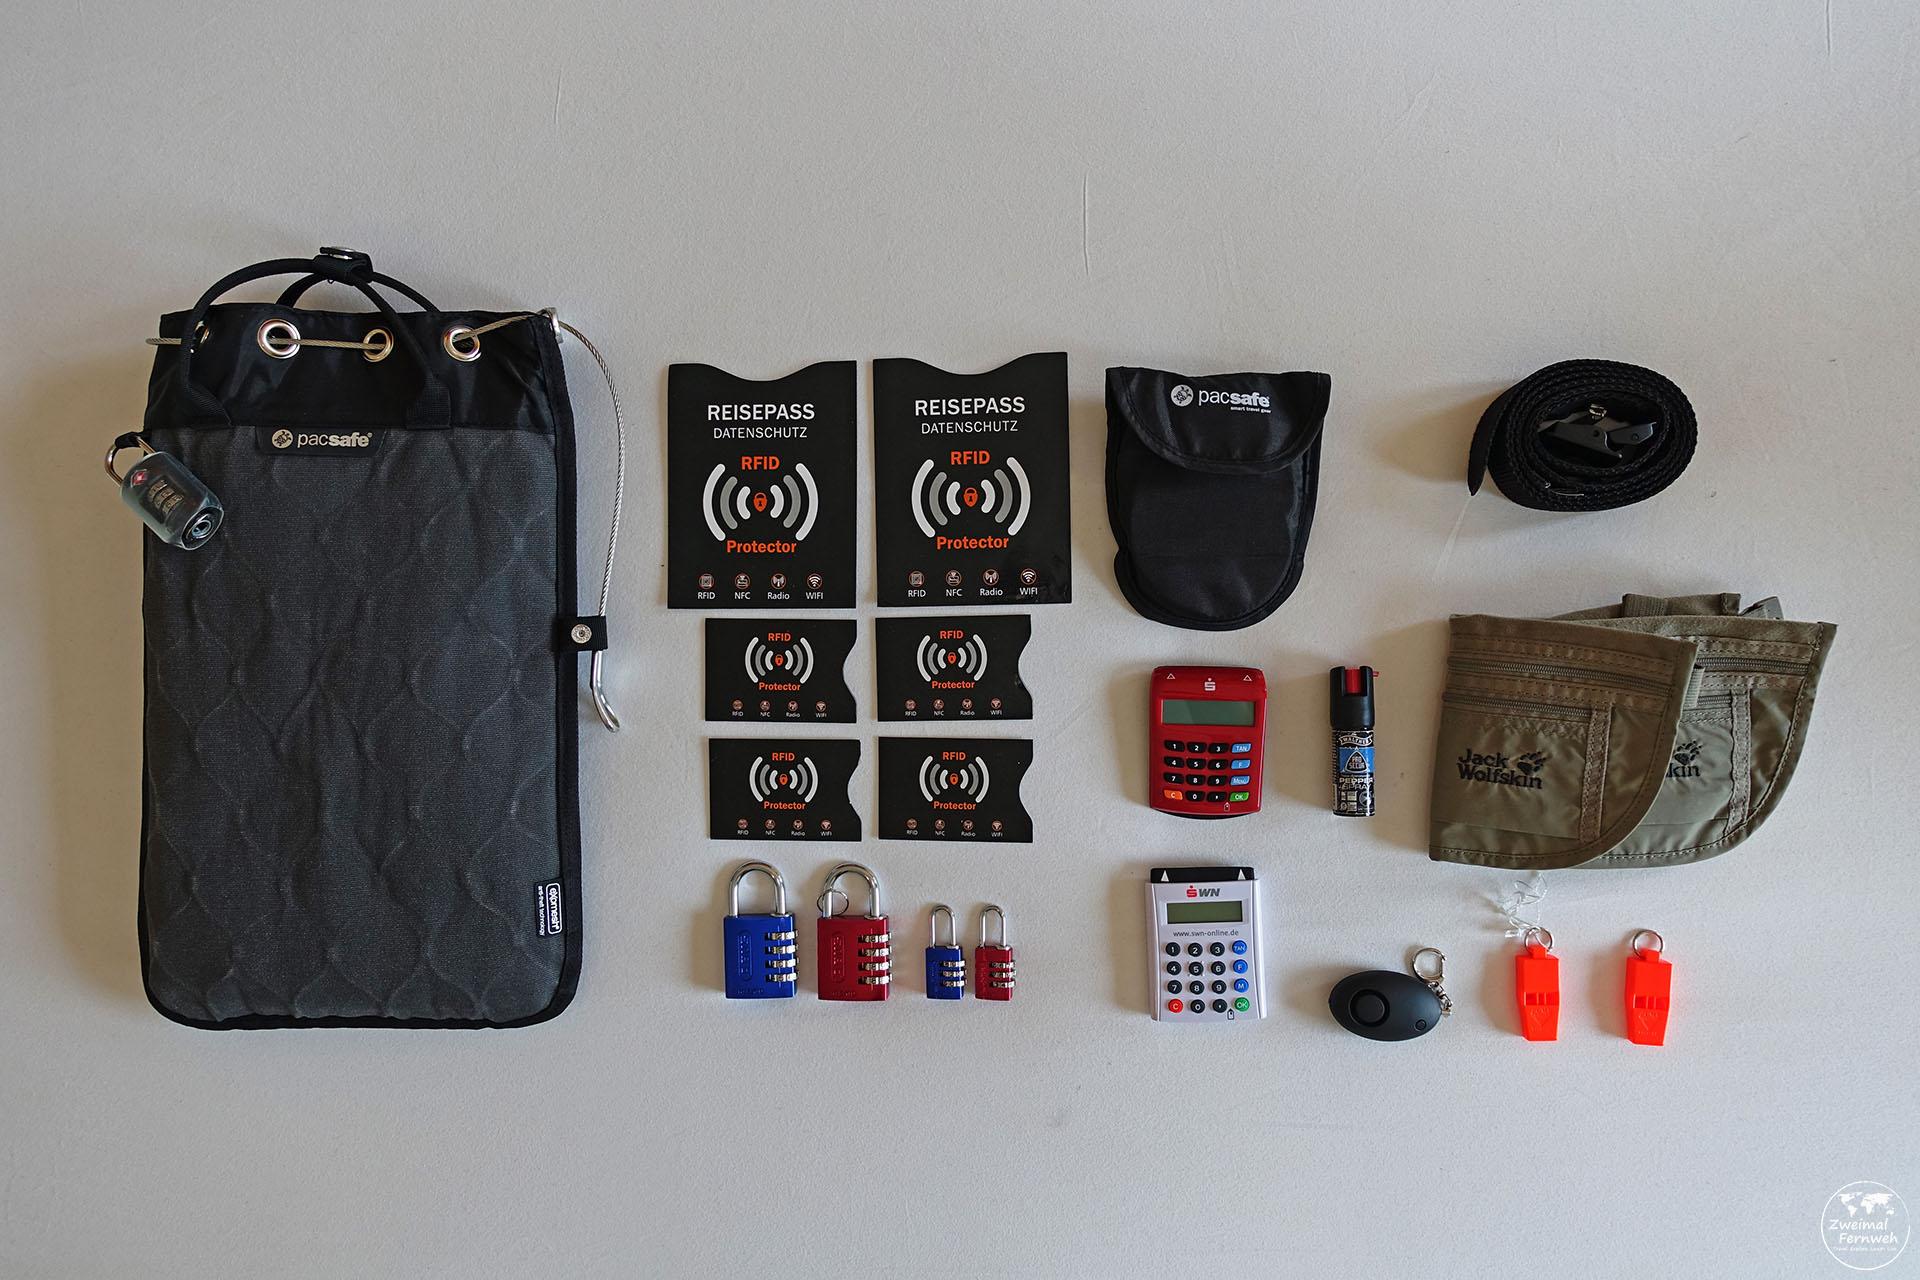 Wir zeigen Dir unsere Sicherheitsausrüstung unserer Weltreise Packliste